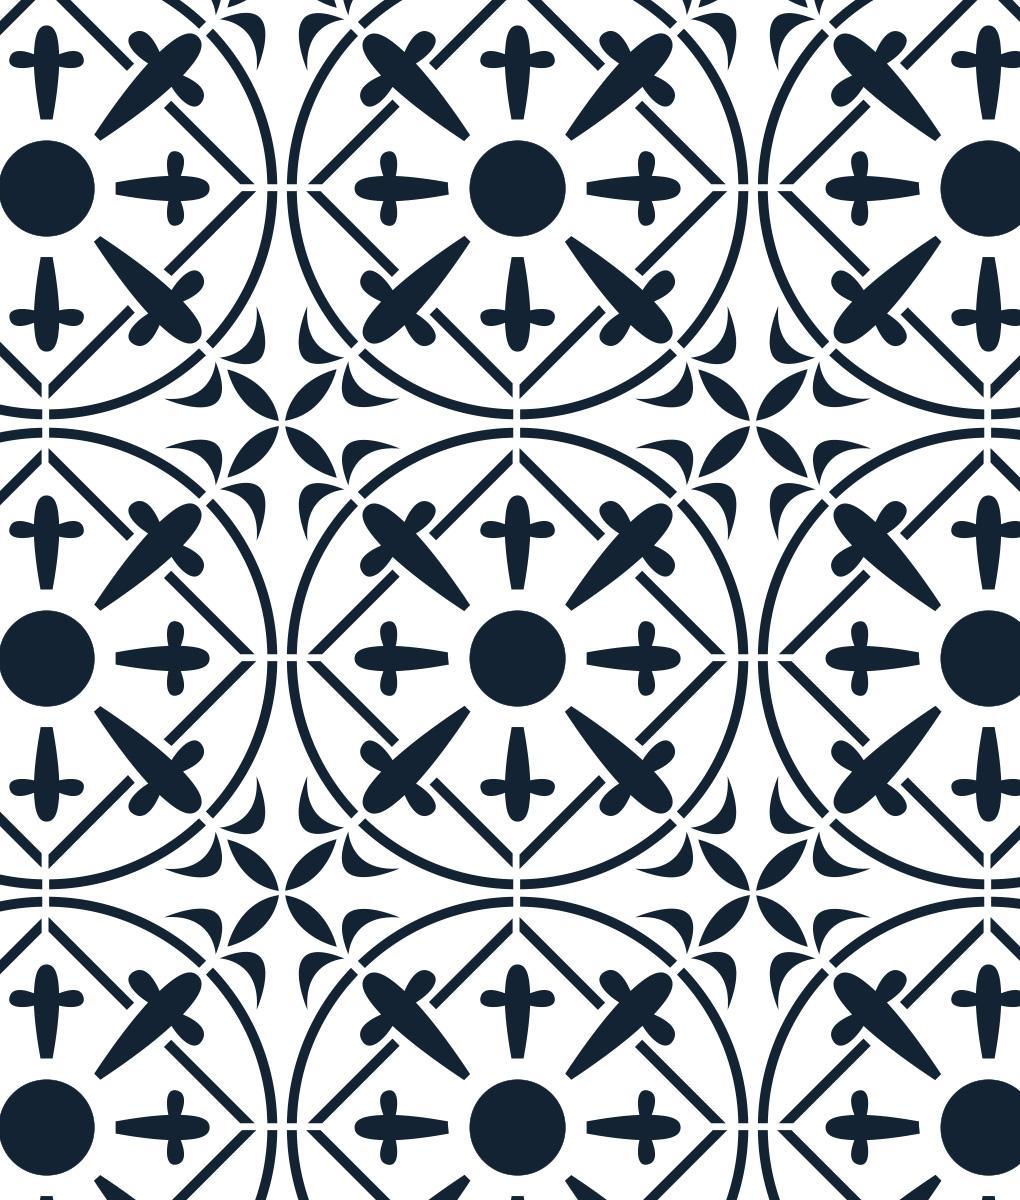 Šablóny - obkladačkové vzory 👍👍👍 - Obrázok č. 59